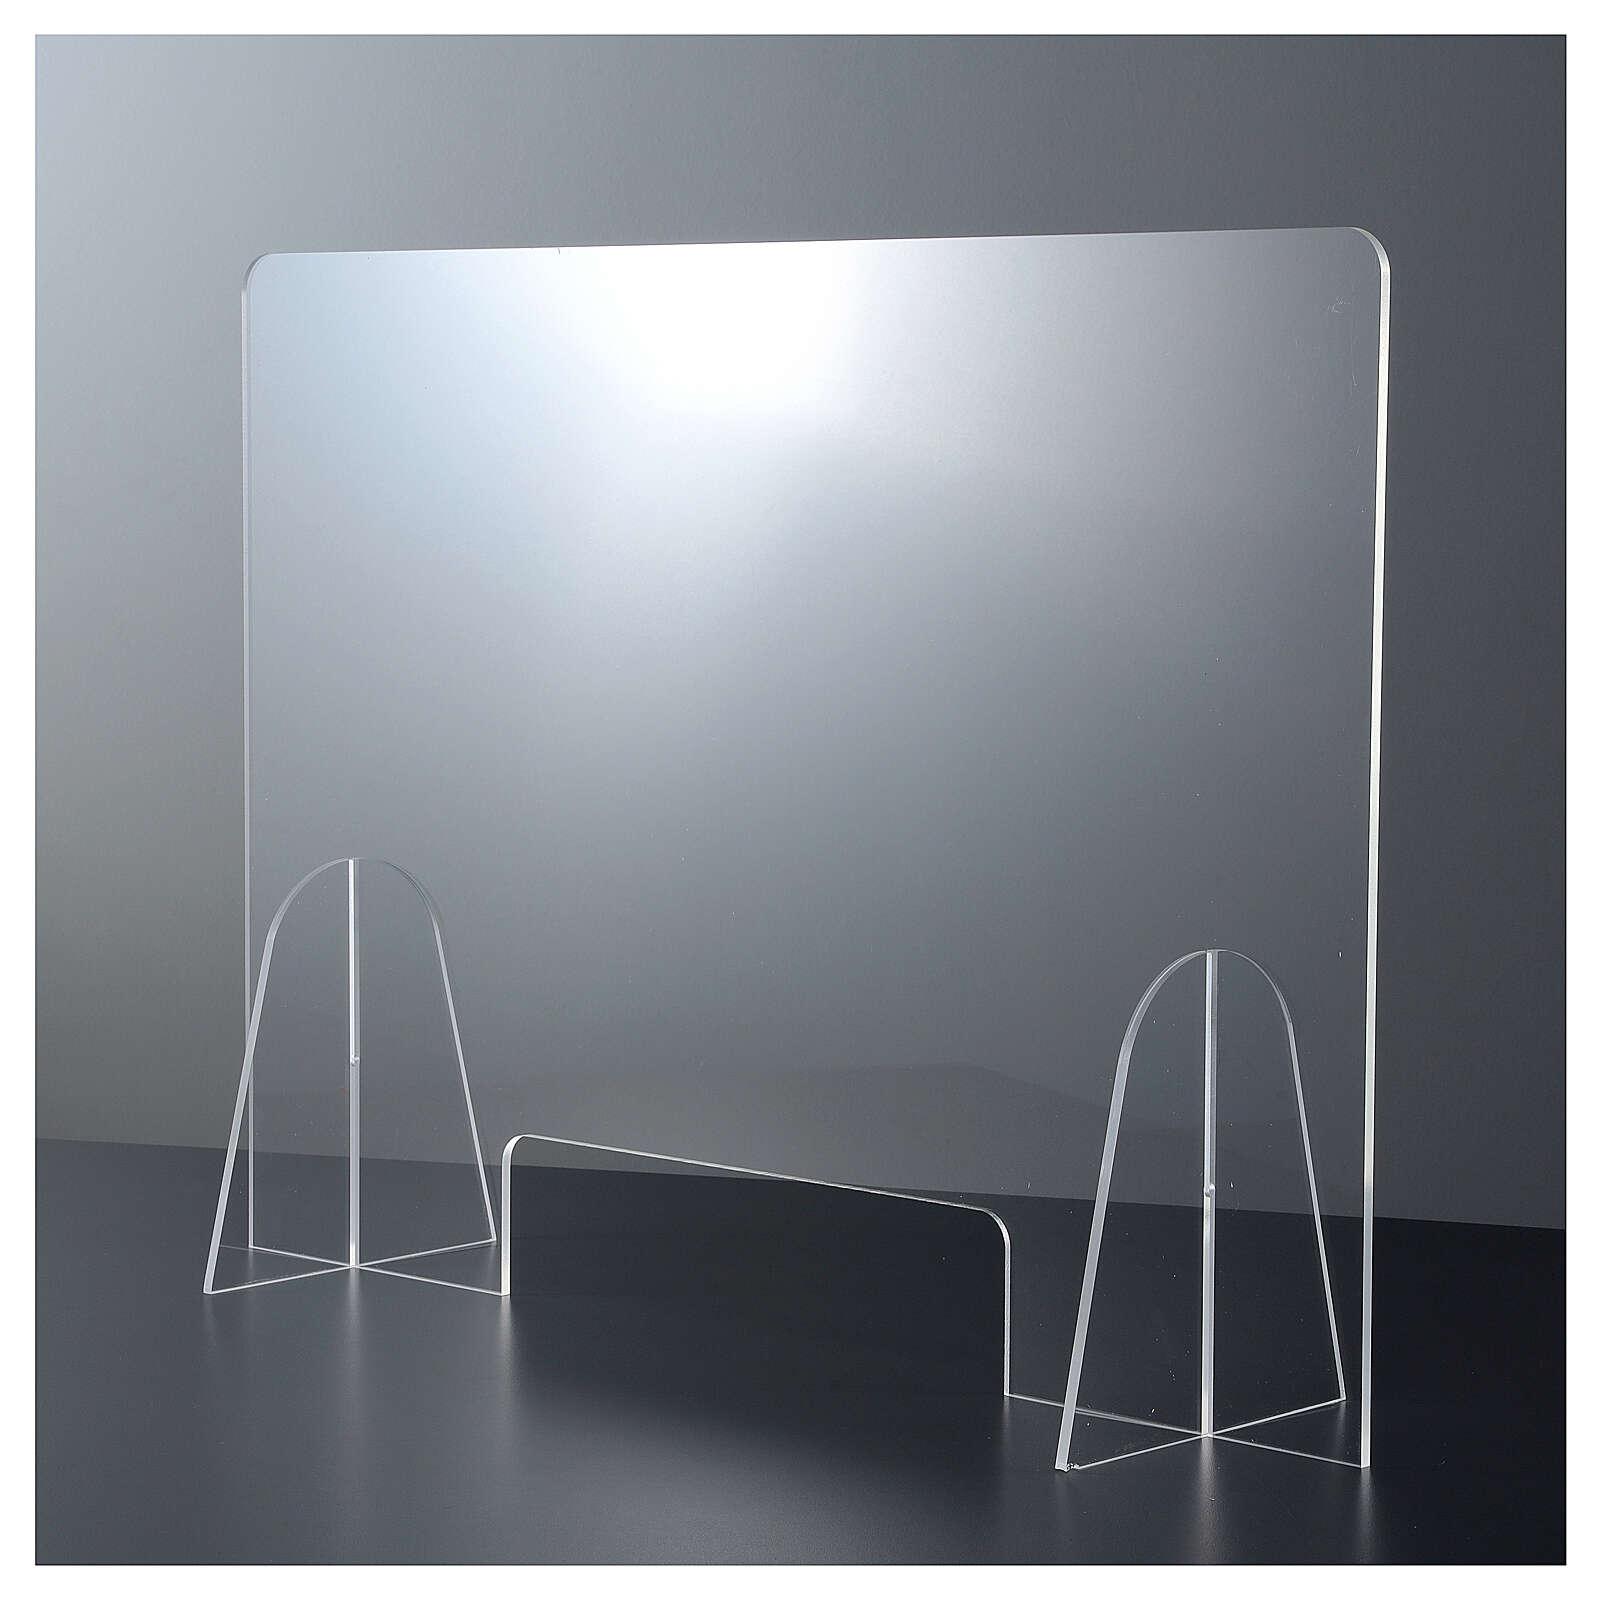 Plexiglass panel 50x70 window 15x30 cm 3